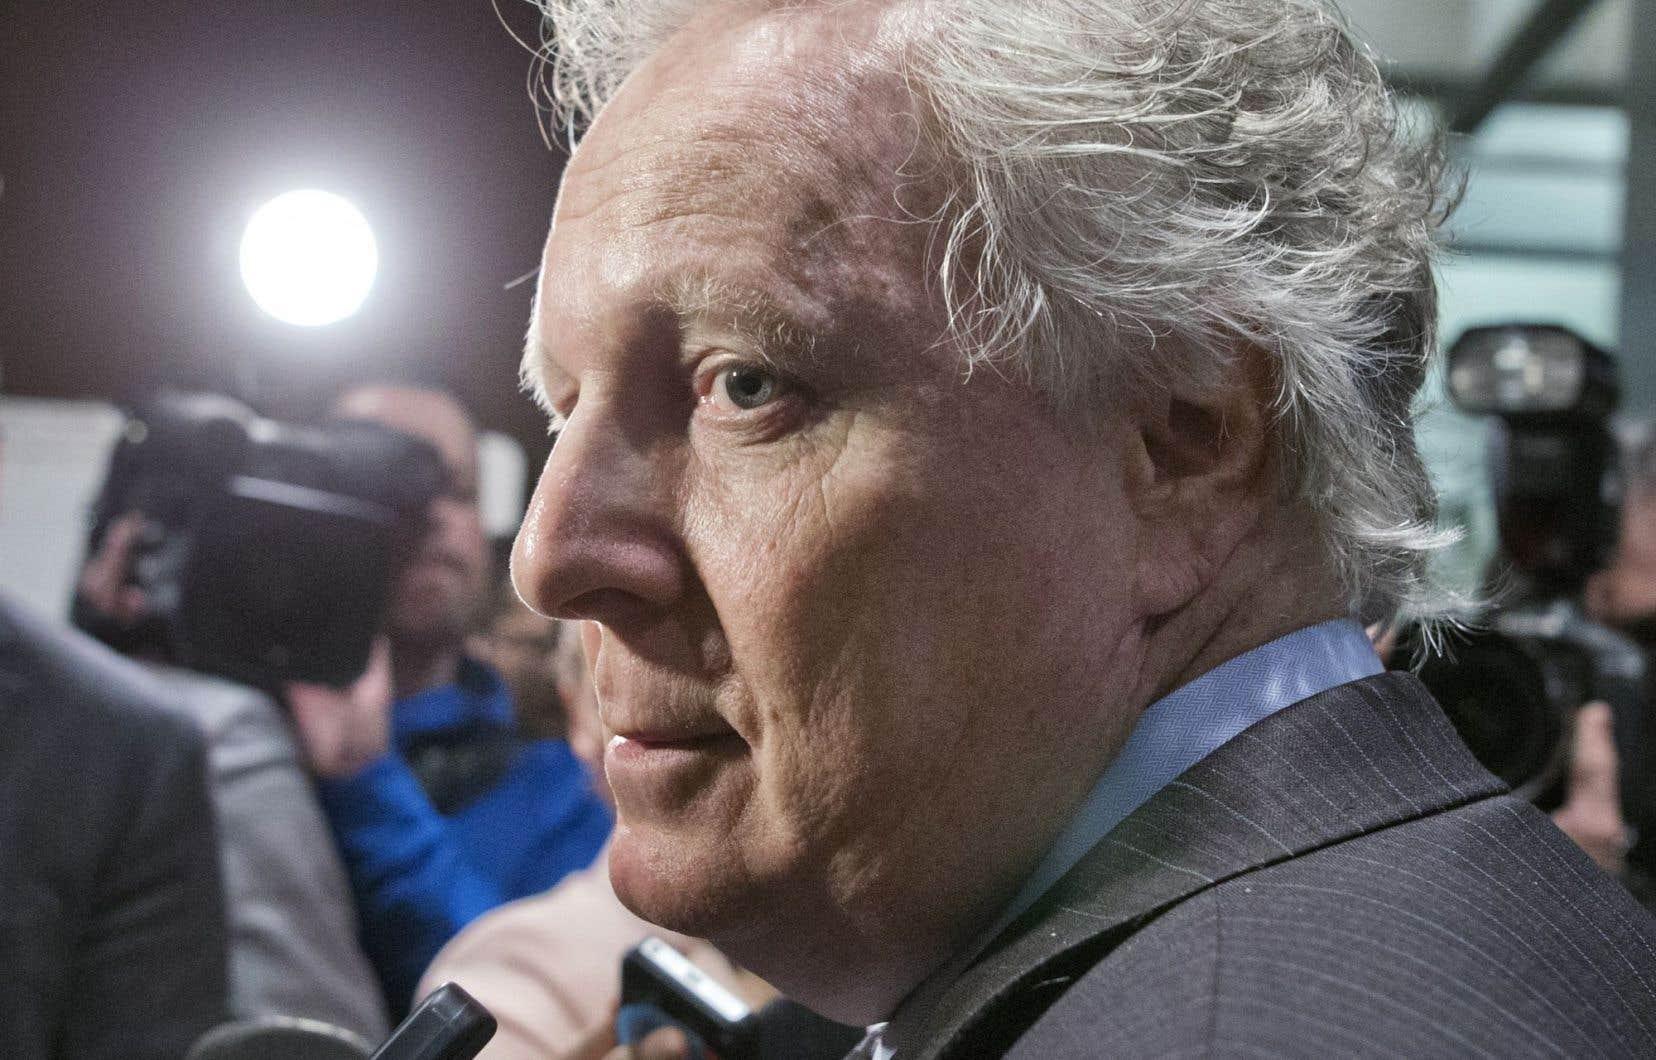 L'ancien premier ministre québécois, Jean Charest a longtemps repoussé les appels pressants lancés pour la mise en place d'une commission d'enquête sur l'industrie de la construction.